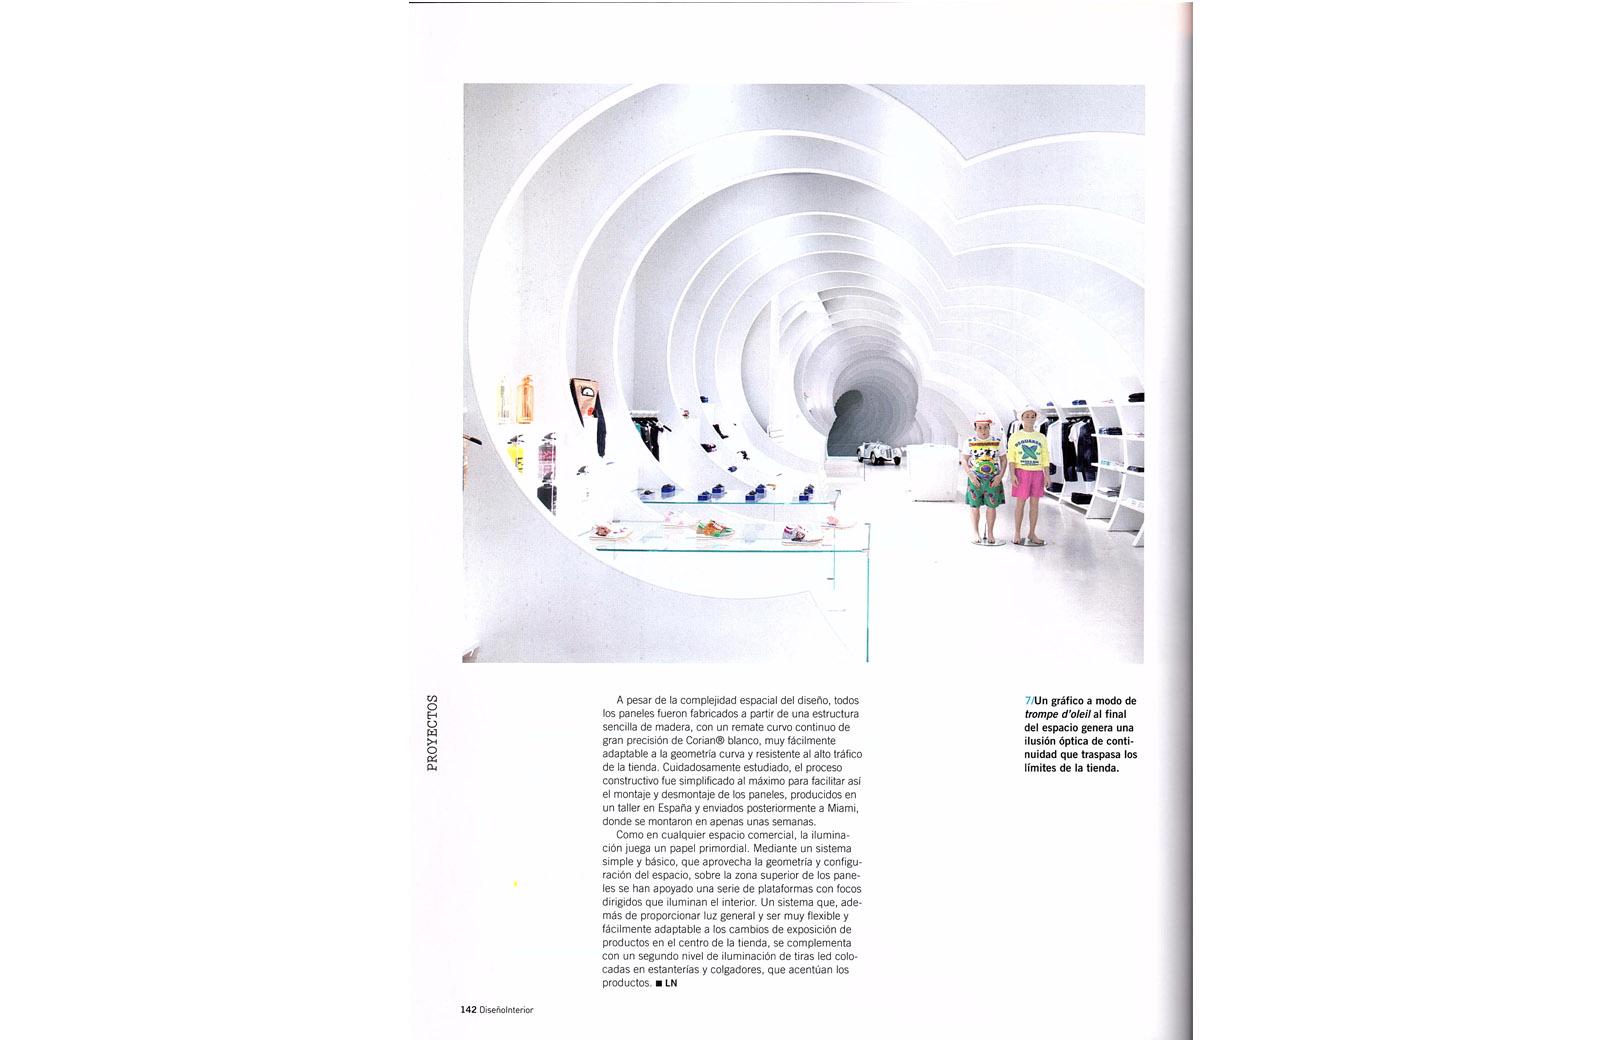 diseno-interior_miami-concept-store_04